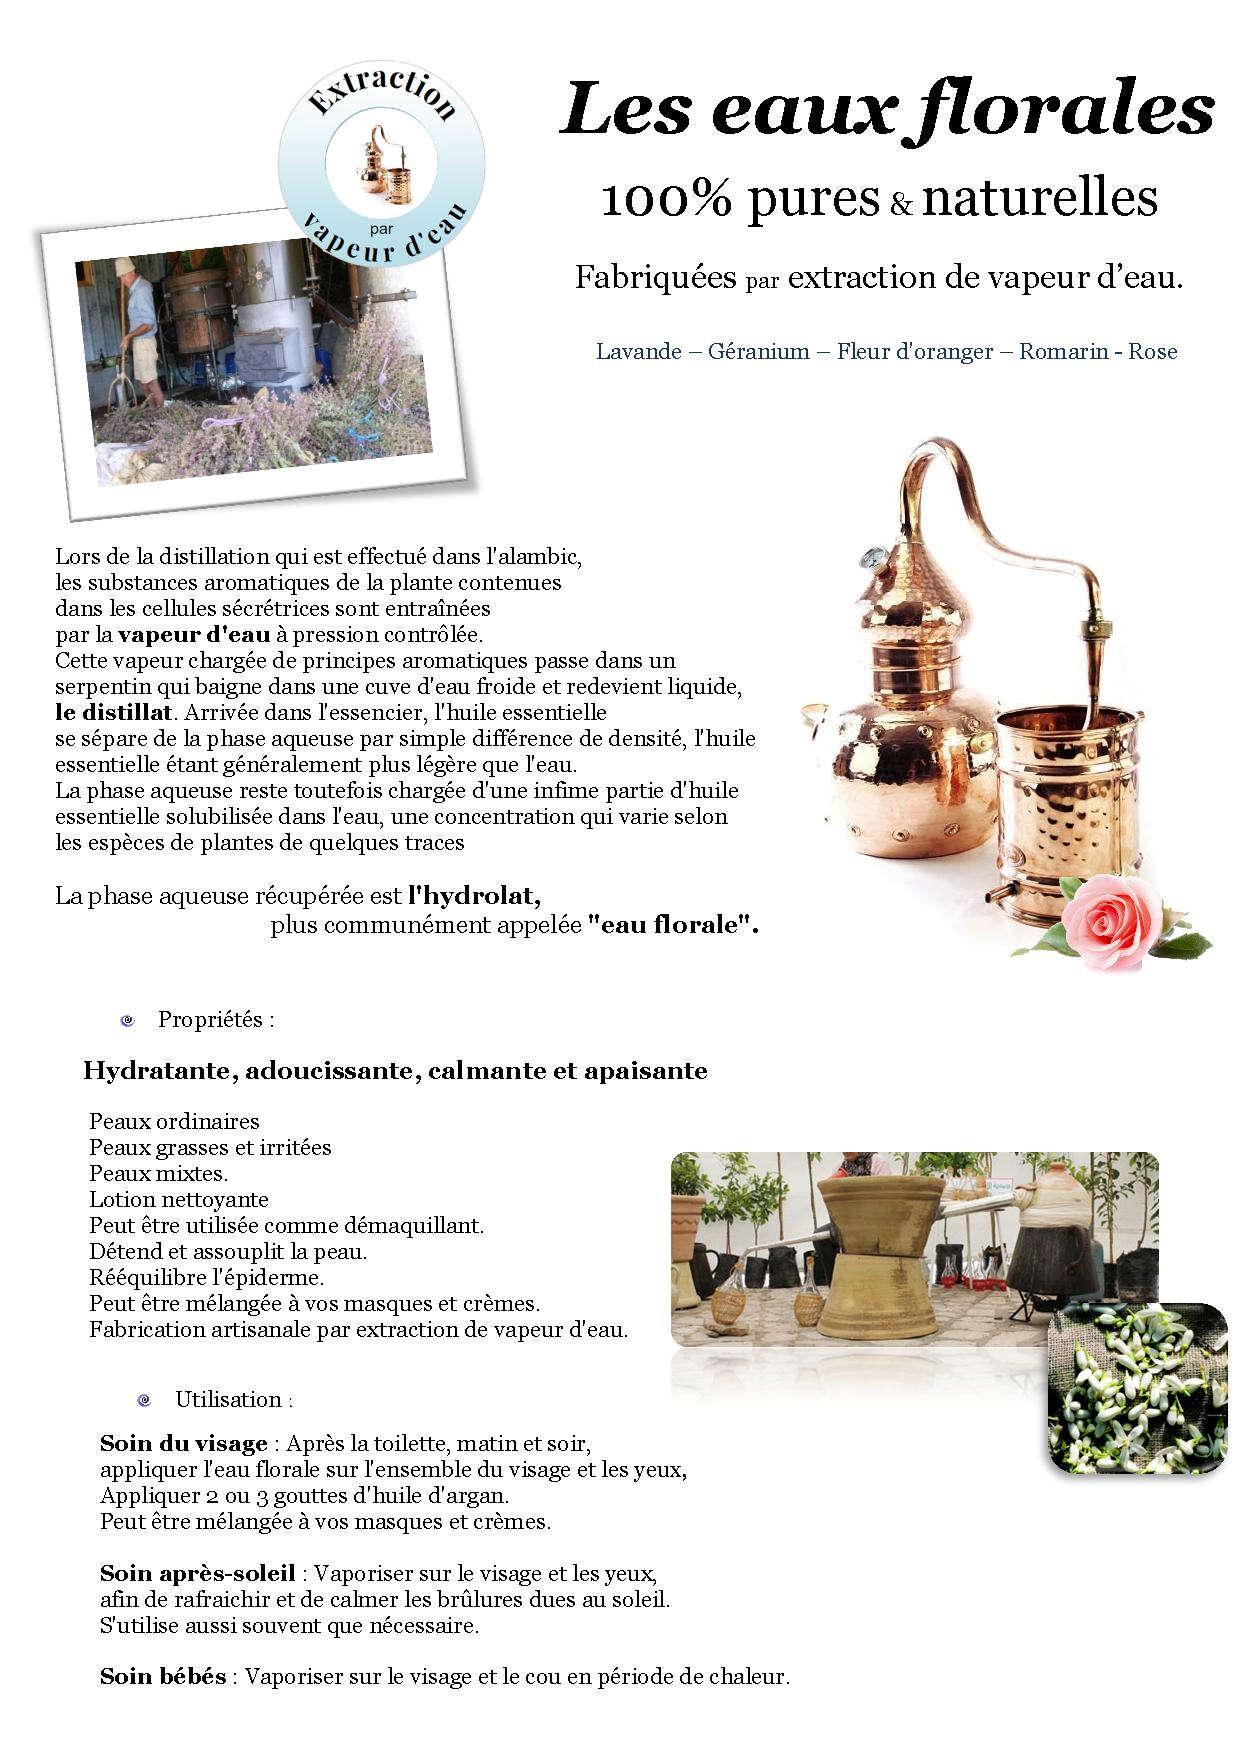 fabrication artisanale eaux florales